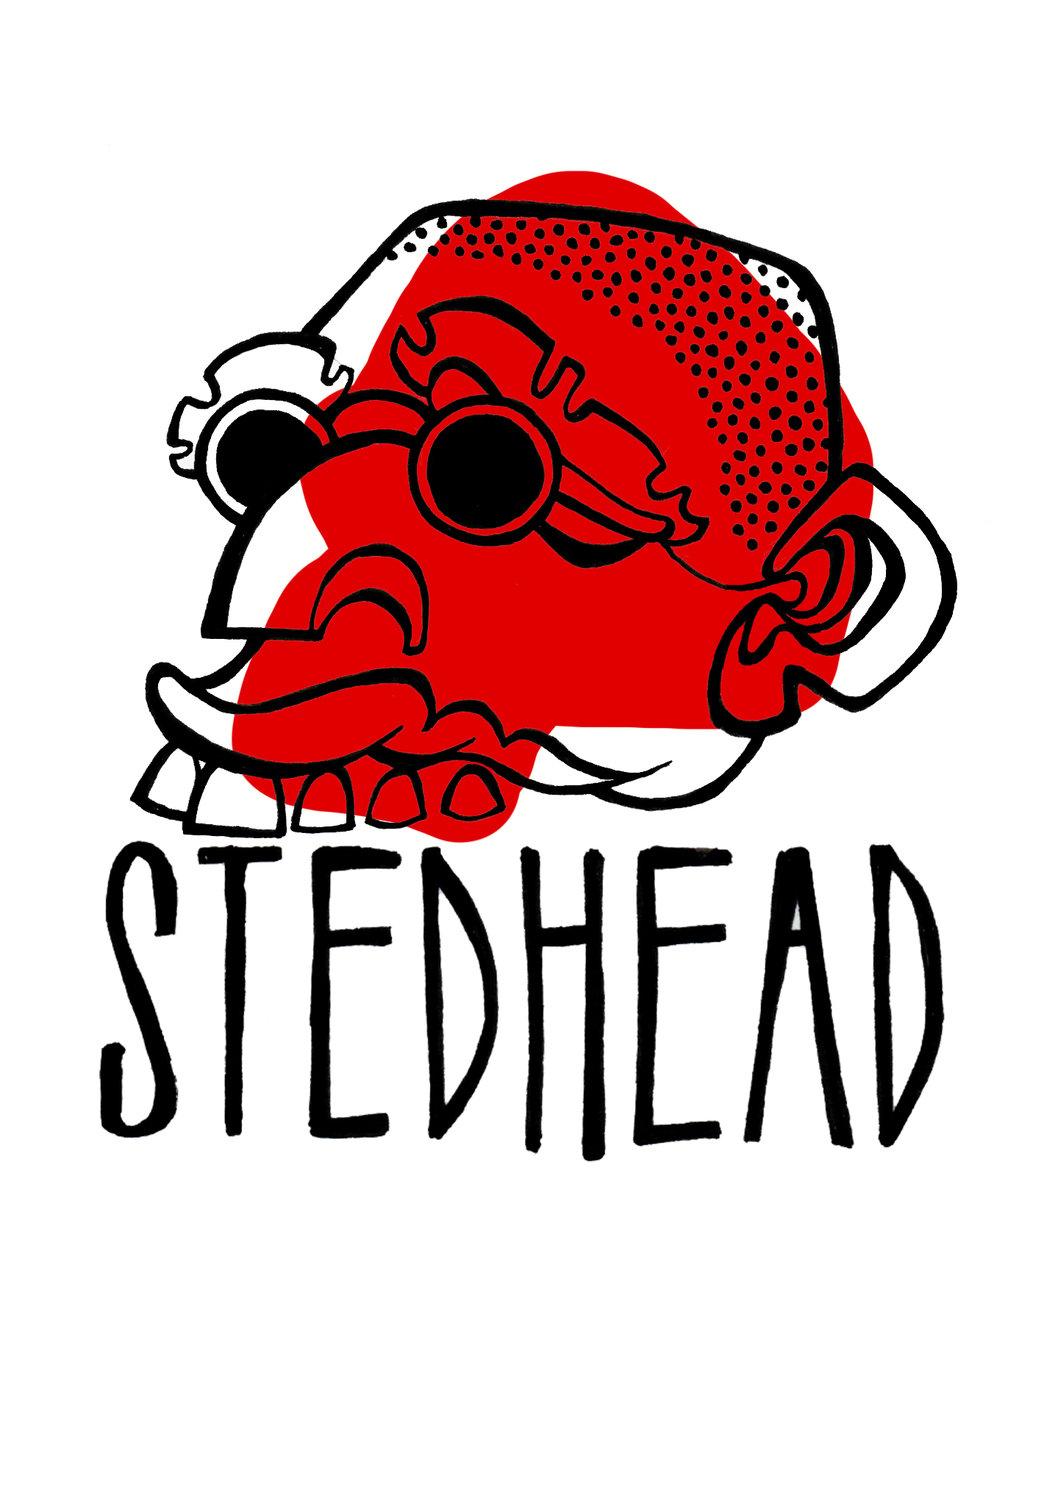 Stedhead